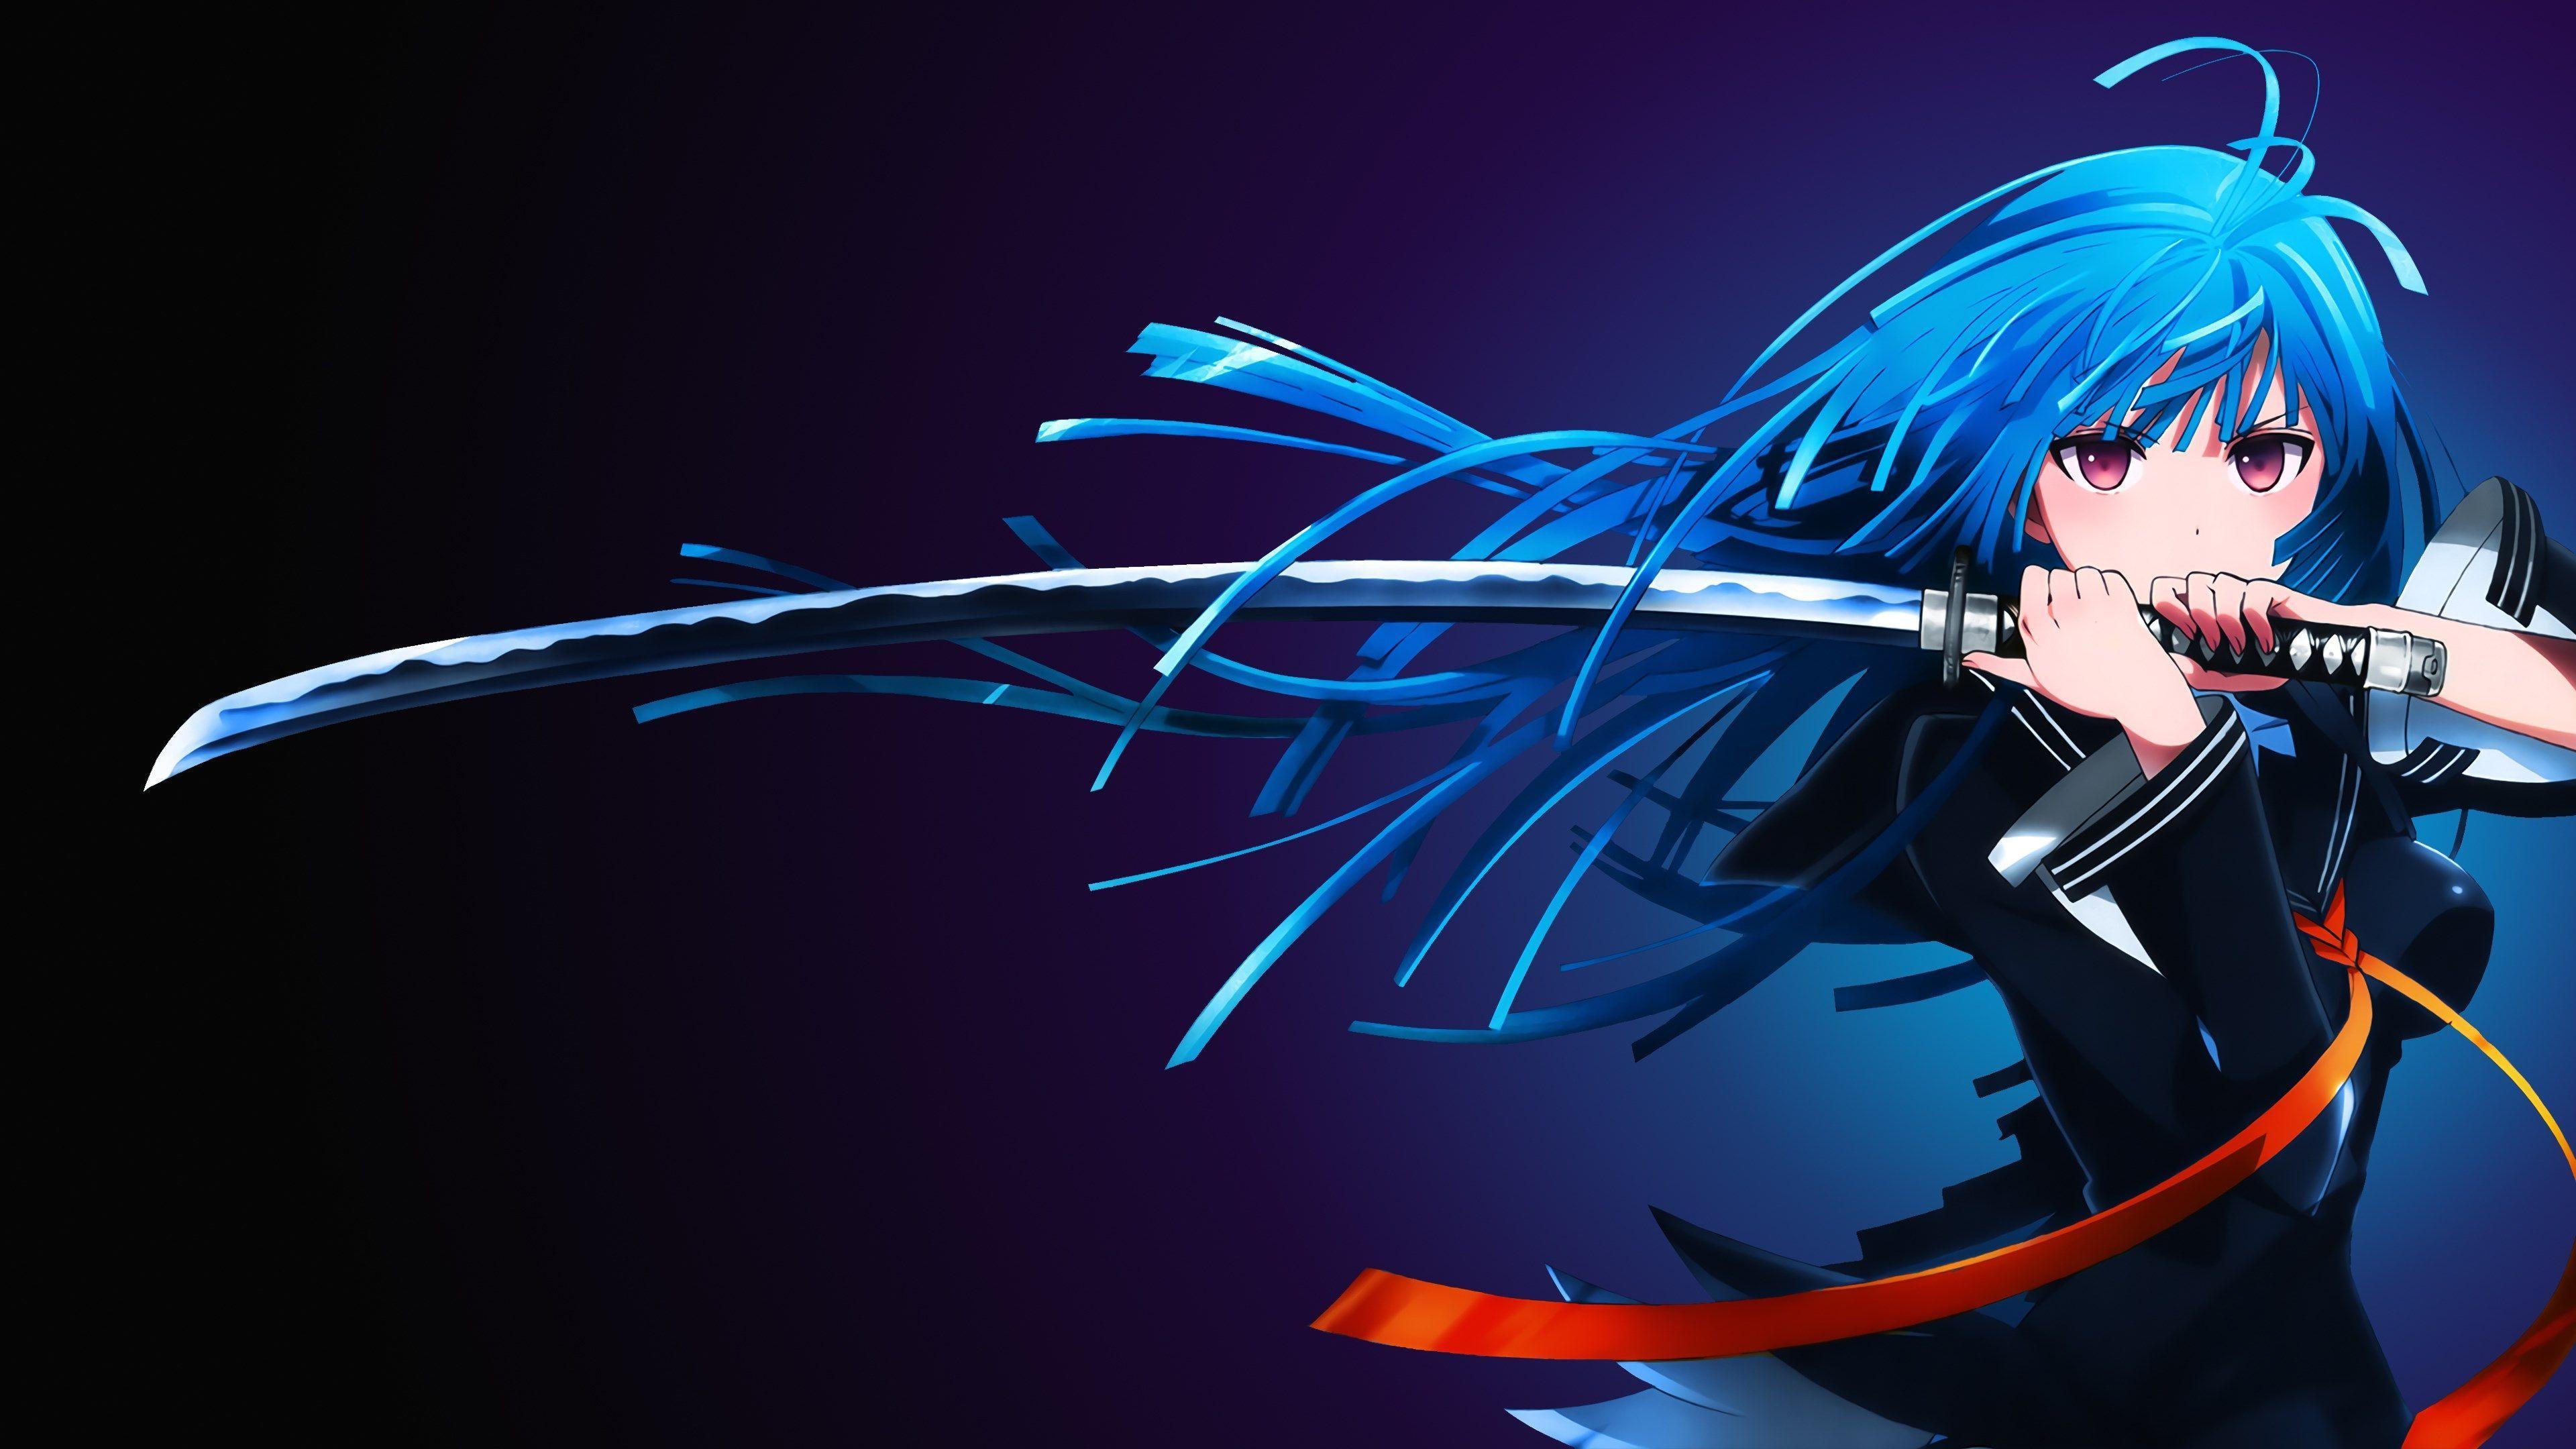 Black Bullet Gadis Animasi Gambar Anime Katana